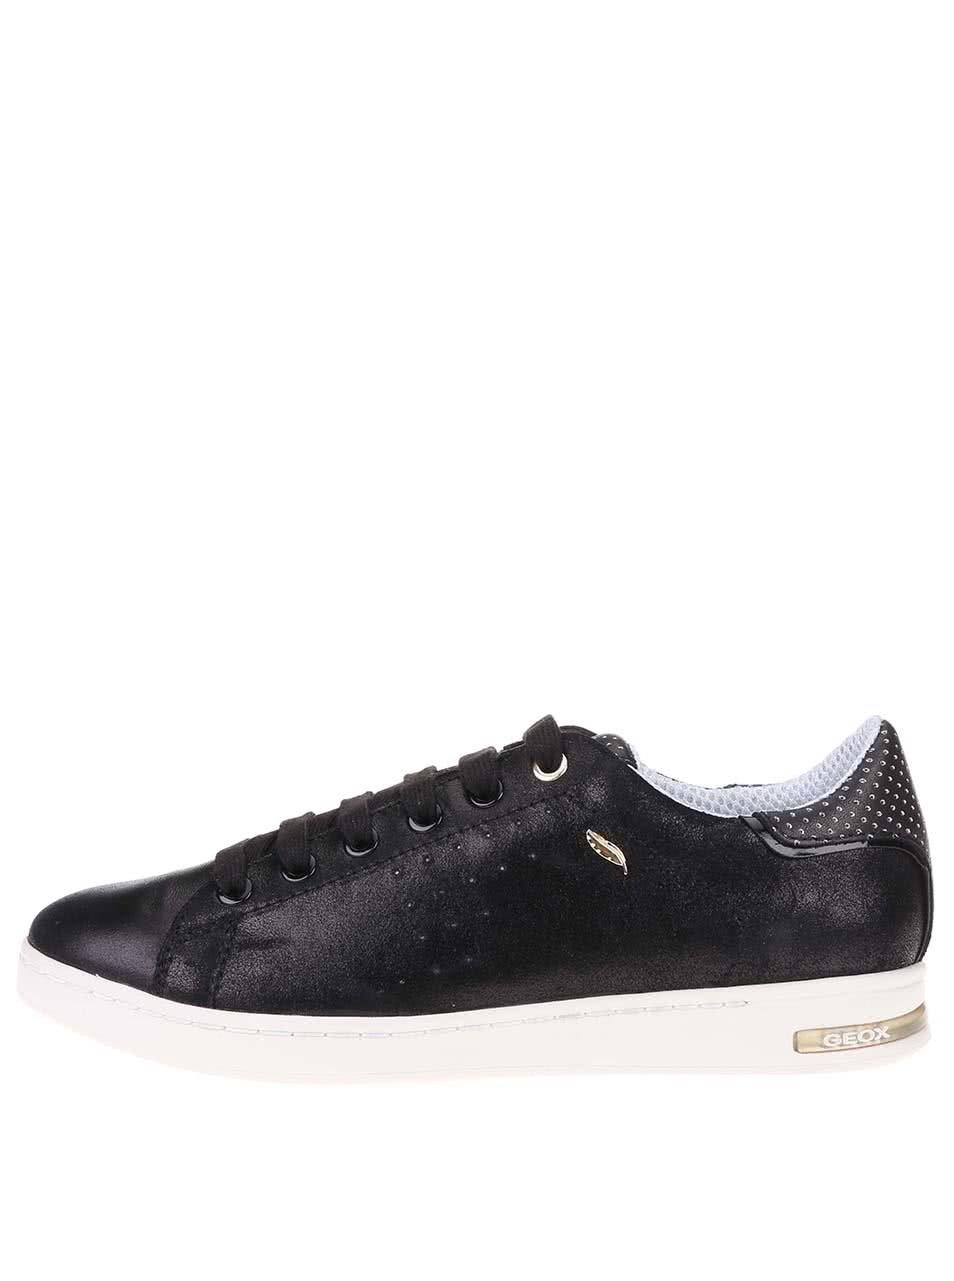 Čierne dámske kožené tenisky s bielou podrážkou Geox Jaysen ... e1a328f9c83